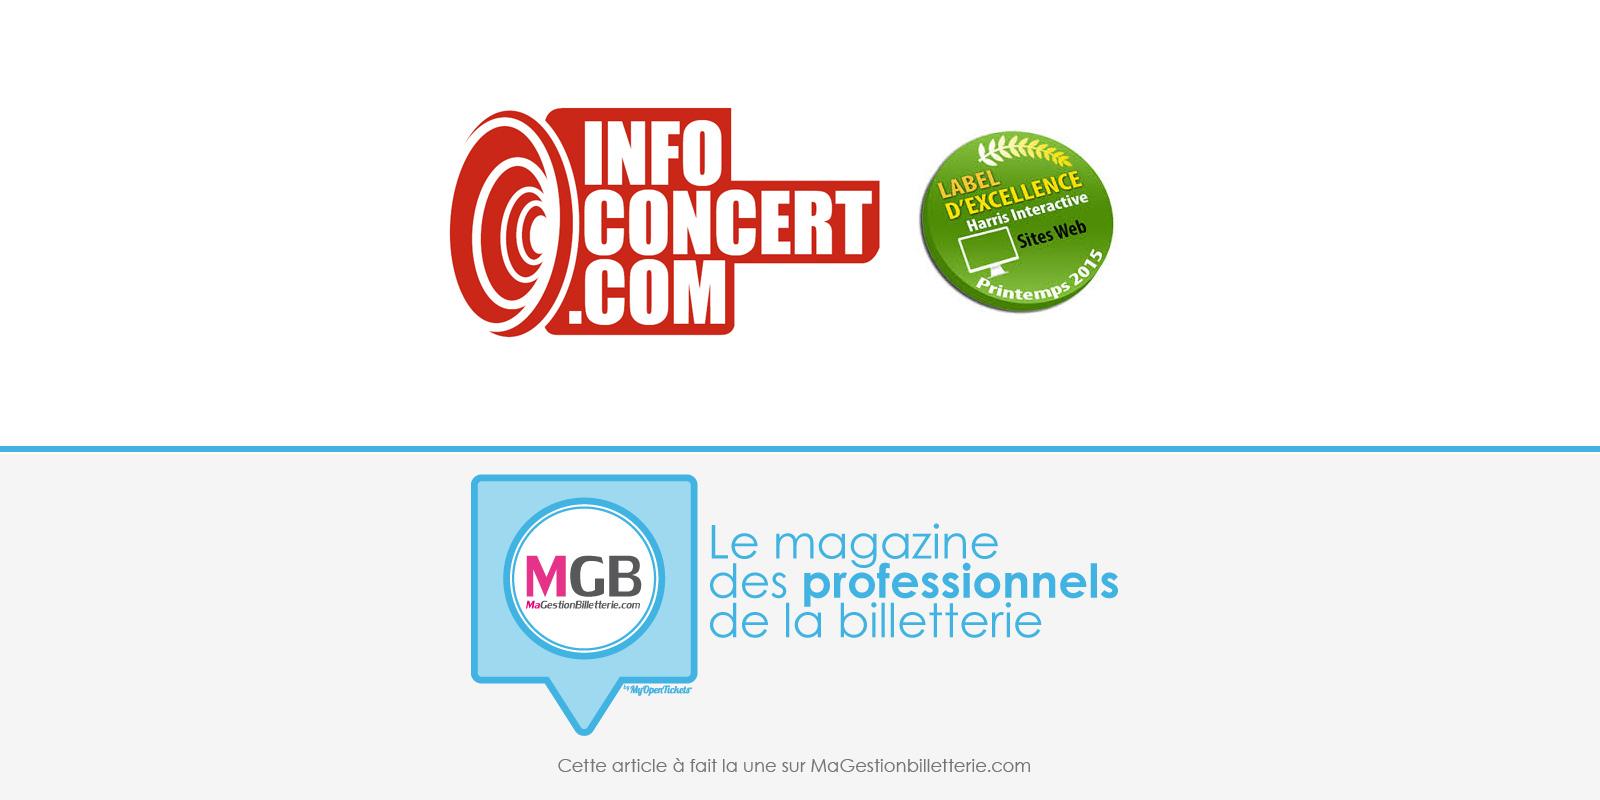 infoconcert-label-excellence-harris-une4